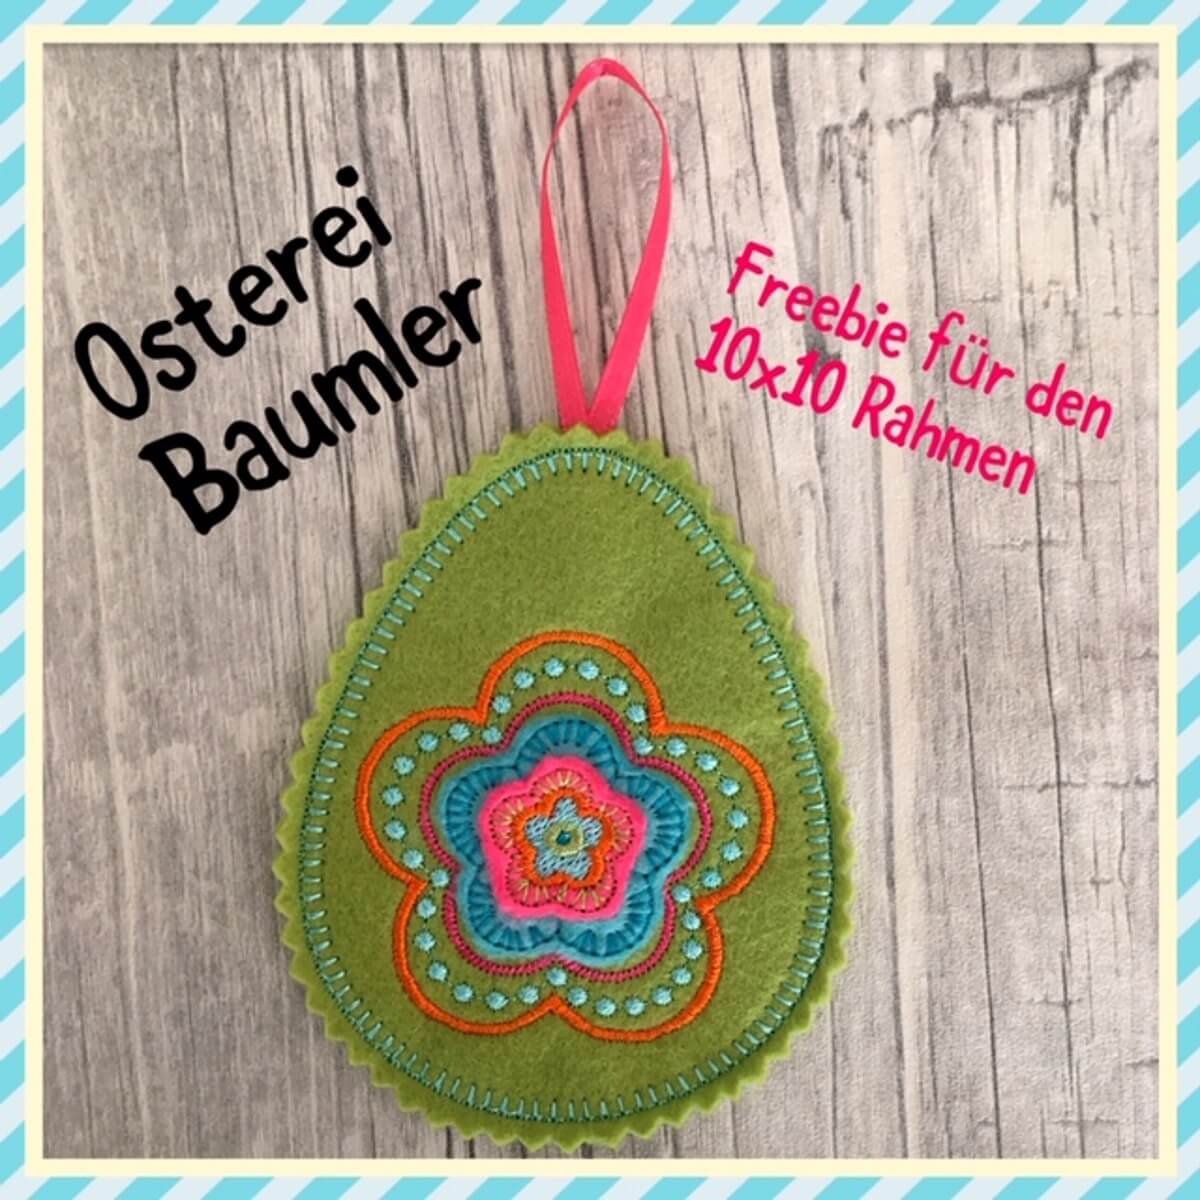 Osterei-Baumler-Freebie